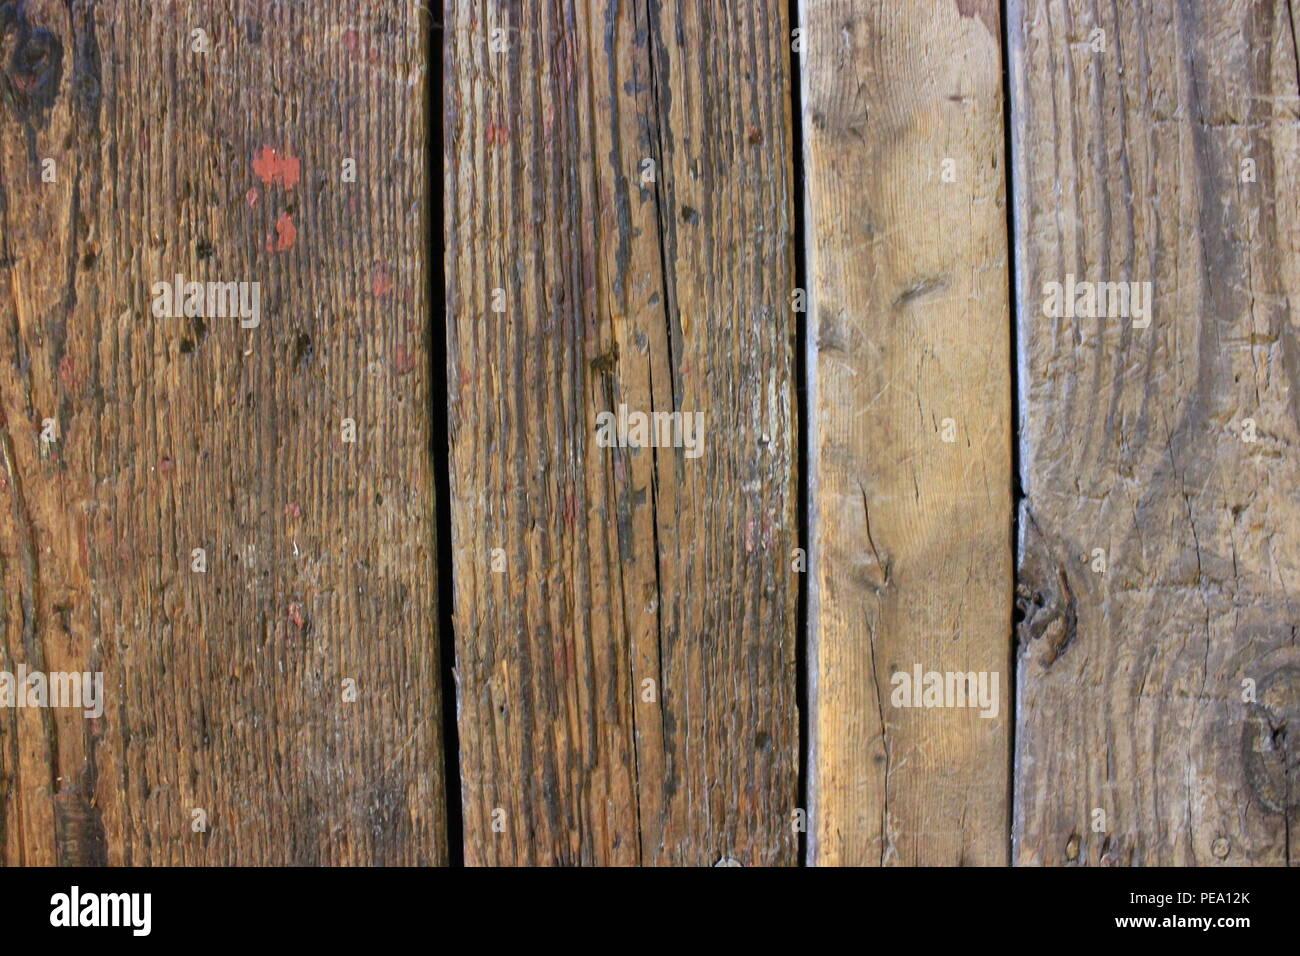 Fußboden Aus Alten Weinfässern ~ Jahrgang alte eiche holz fußboden an architektonischen artefakten in